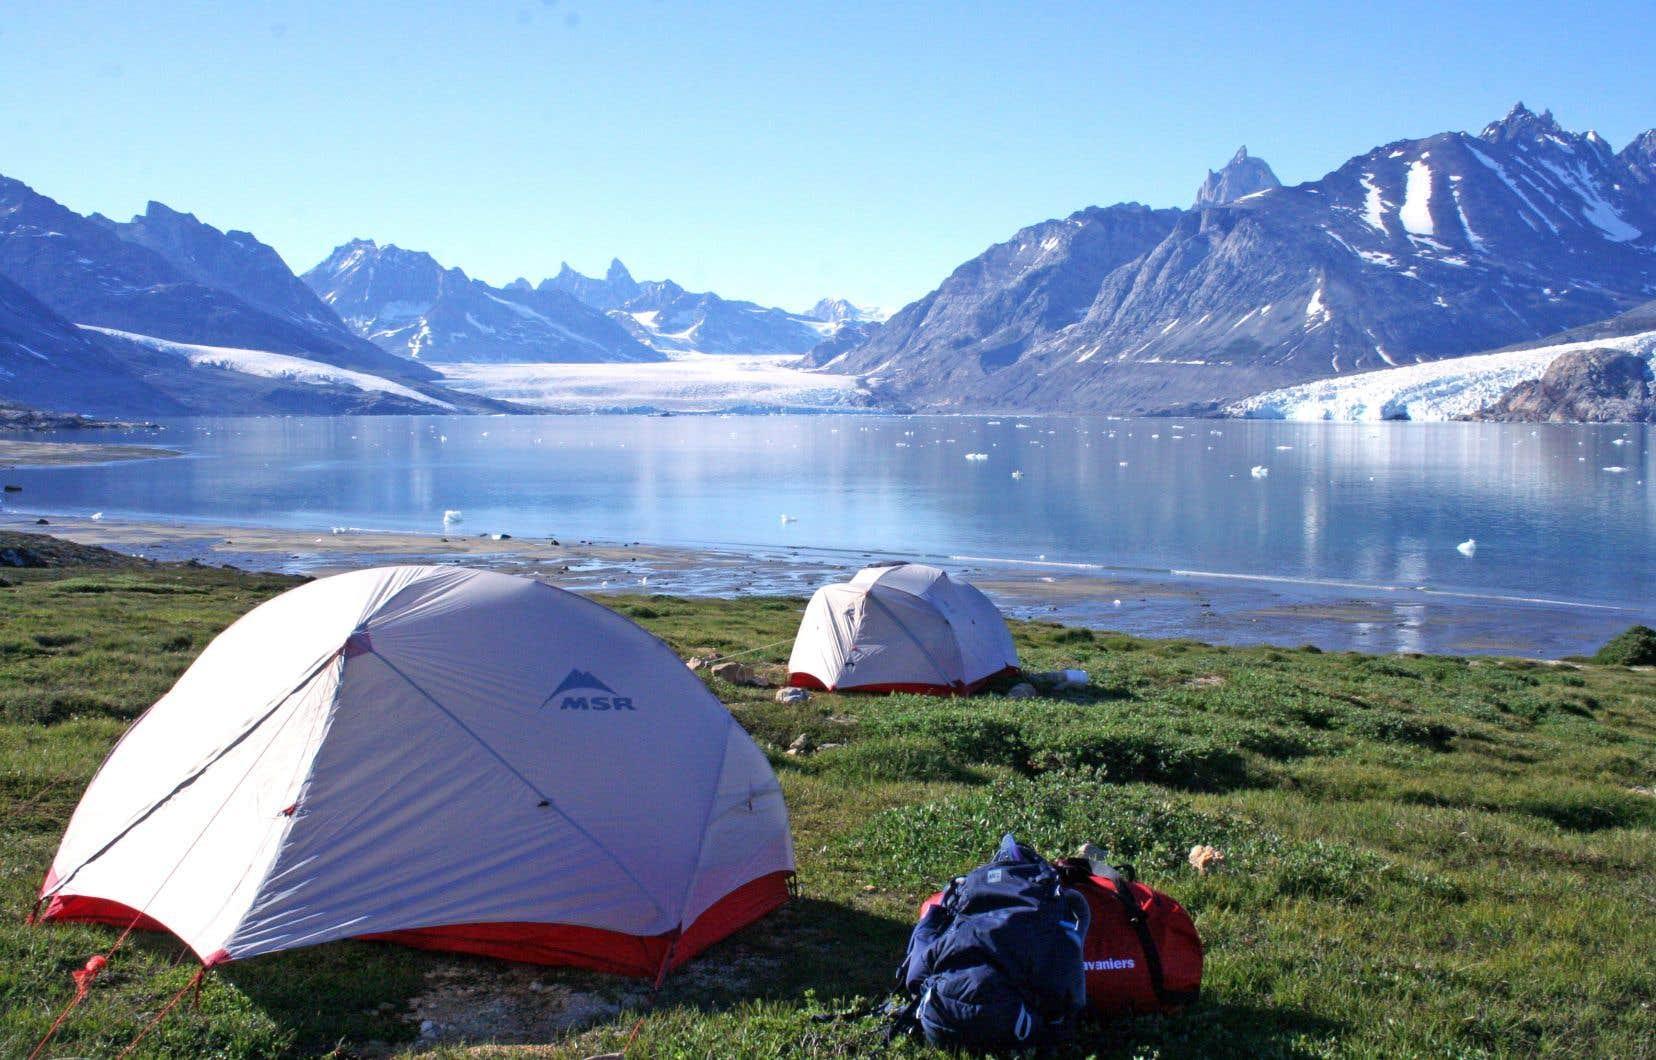 Les excursions à pied ou en kayak au Groenland ont lieu de juillet à septembre. Idéalement, il faut réserver plusieurs mois à l'avance. L'itinéraire est extrêmement bien planifié, mais on se déplace pas à pas, au rythme de la nature, en vrais nomades.